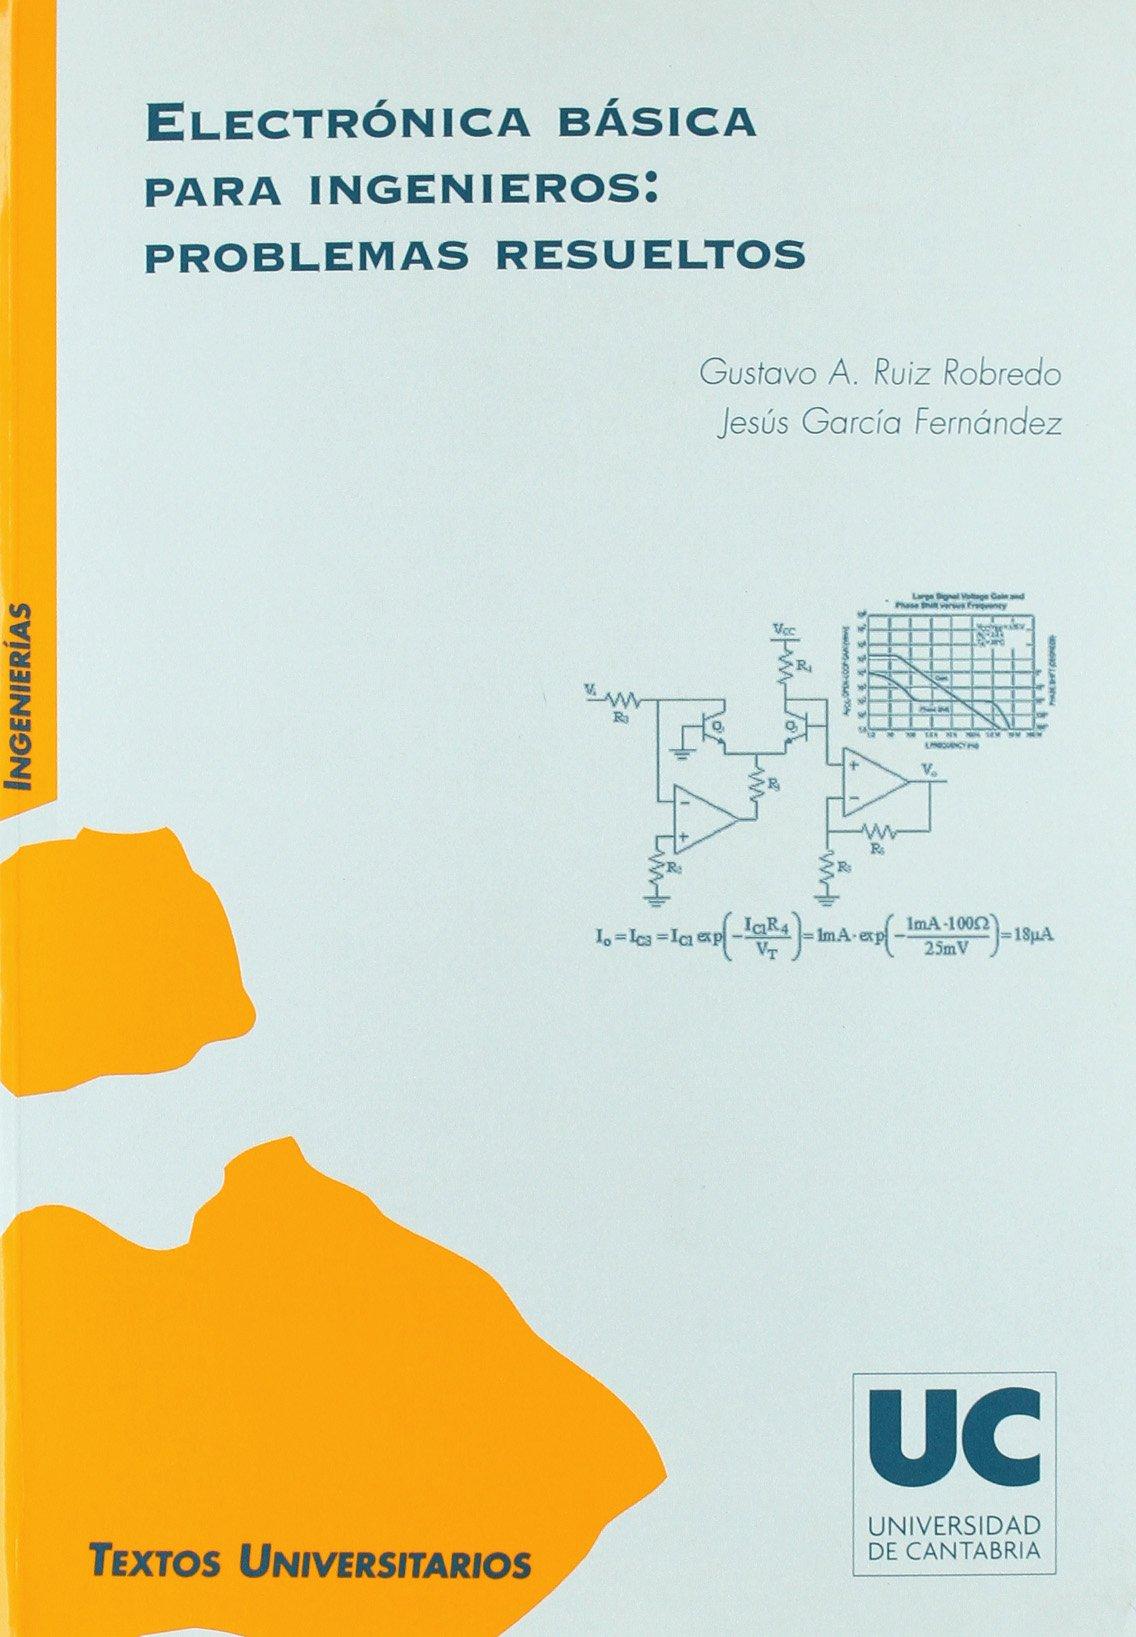 Electrónica básica para ingenieros: problemas resueltos Manuales:  Amazon.es: Gustavo A. Ruiz Robredo, Jesús García Fernández: Libros